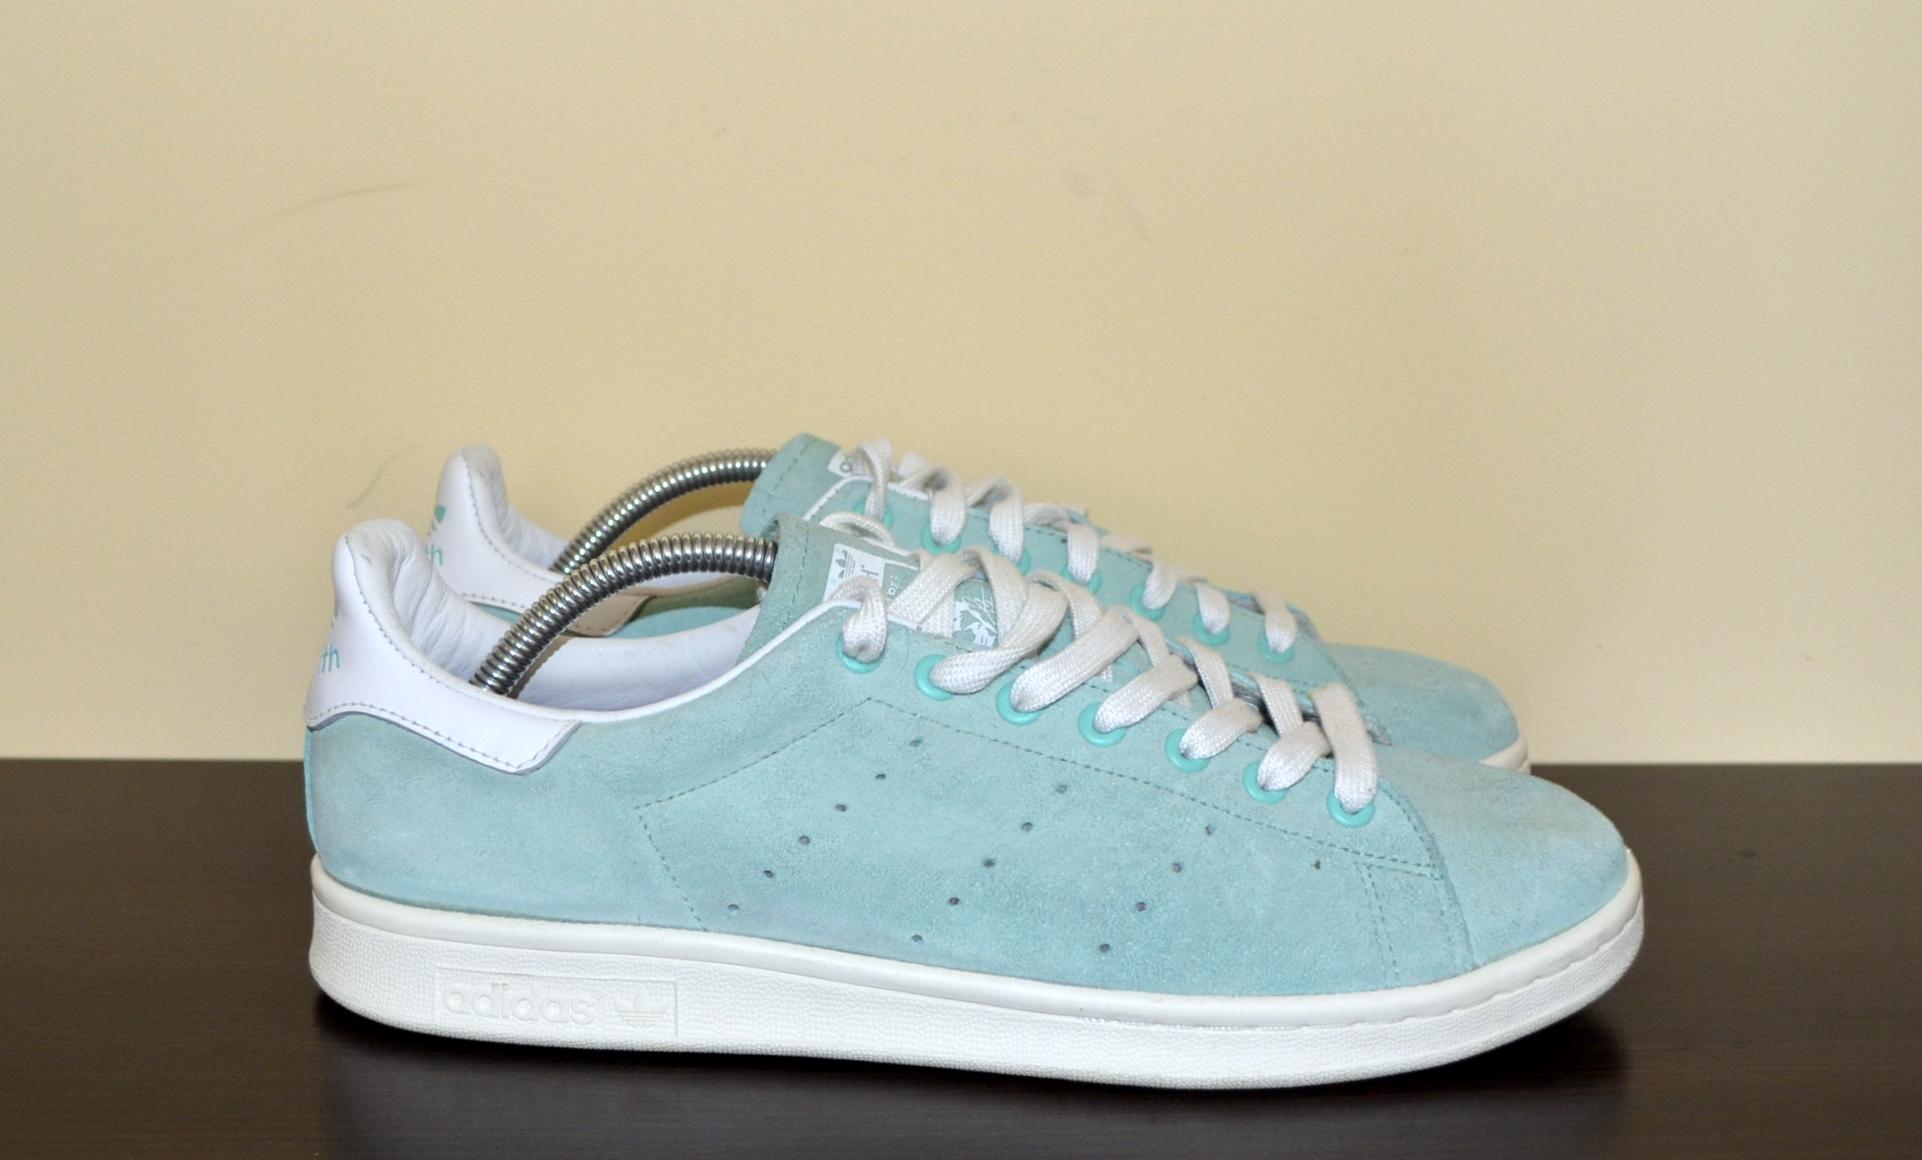 low priced a542a 7d365 Buty sportowe Adidas Originals Stan Smith 43 rozm - 7394578943 - oficjalne  archiwum allegro